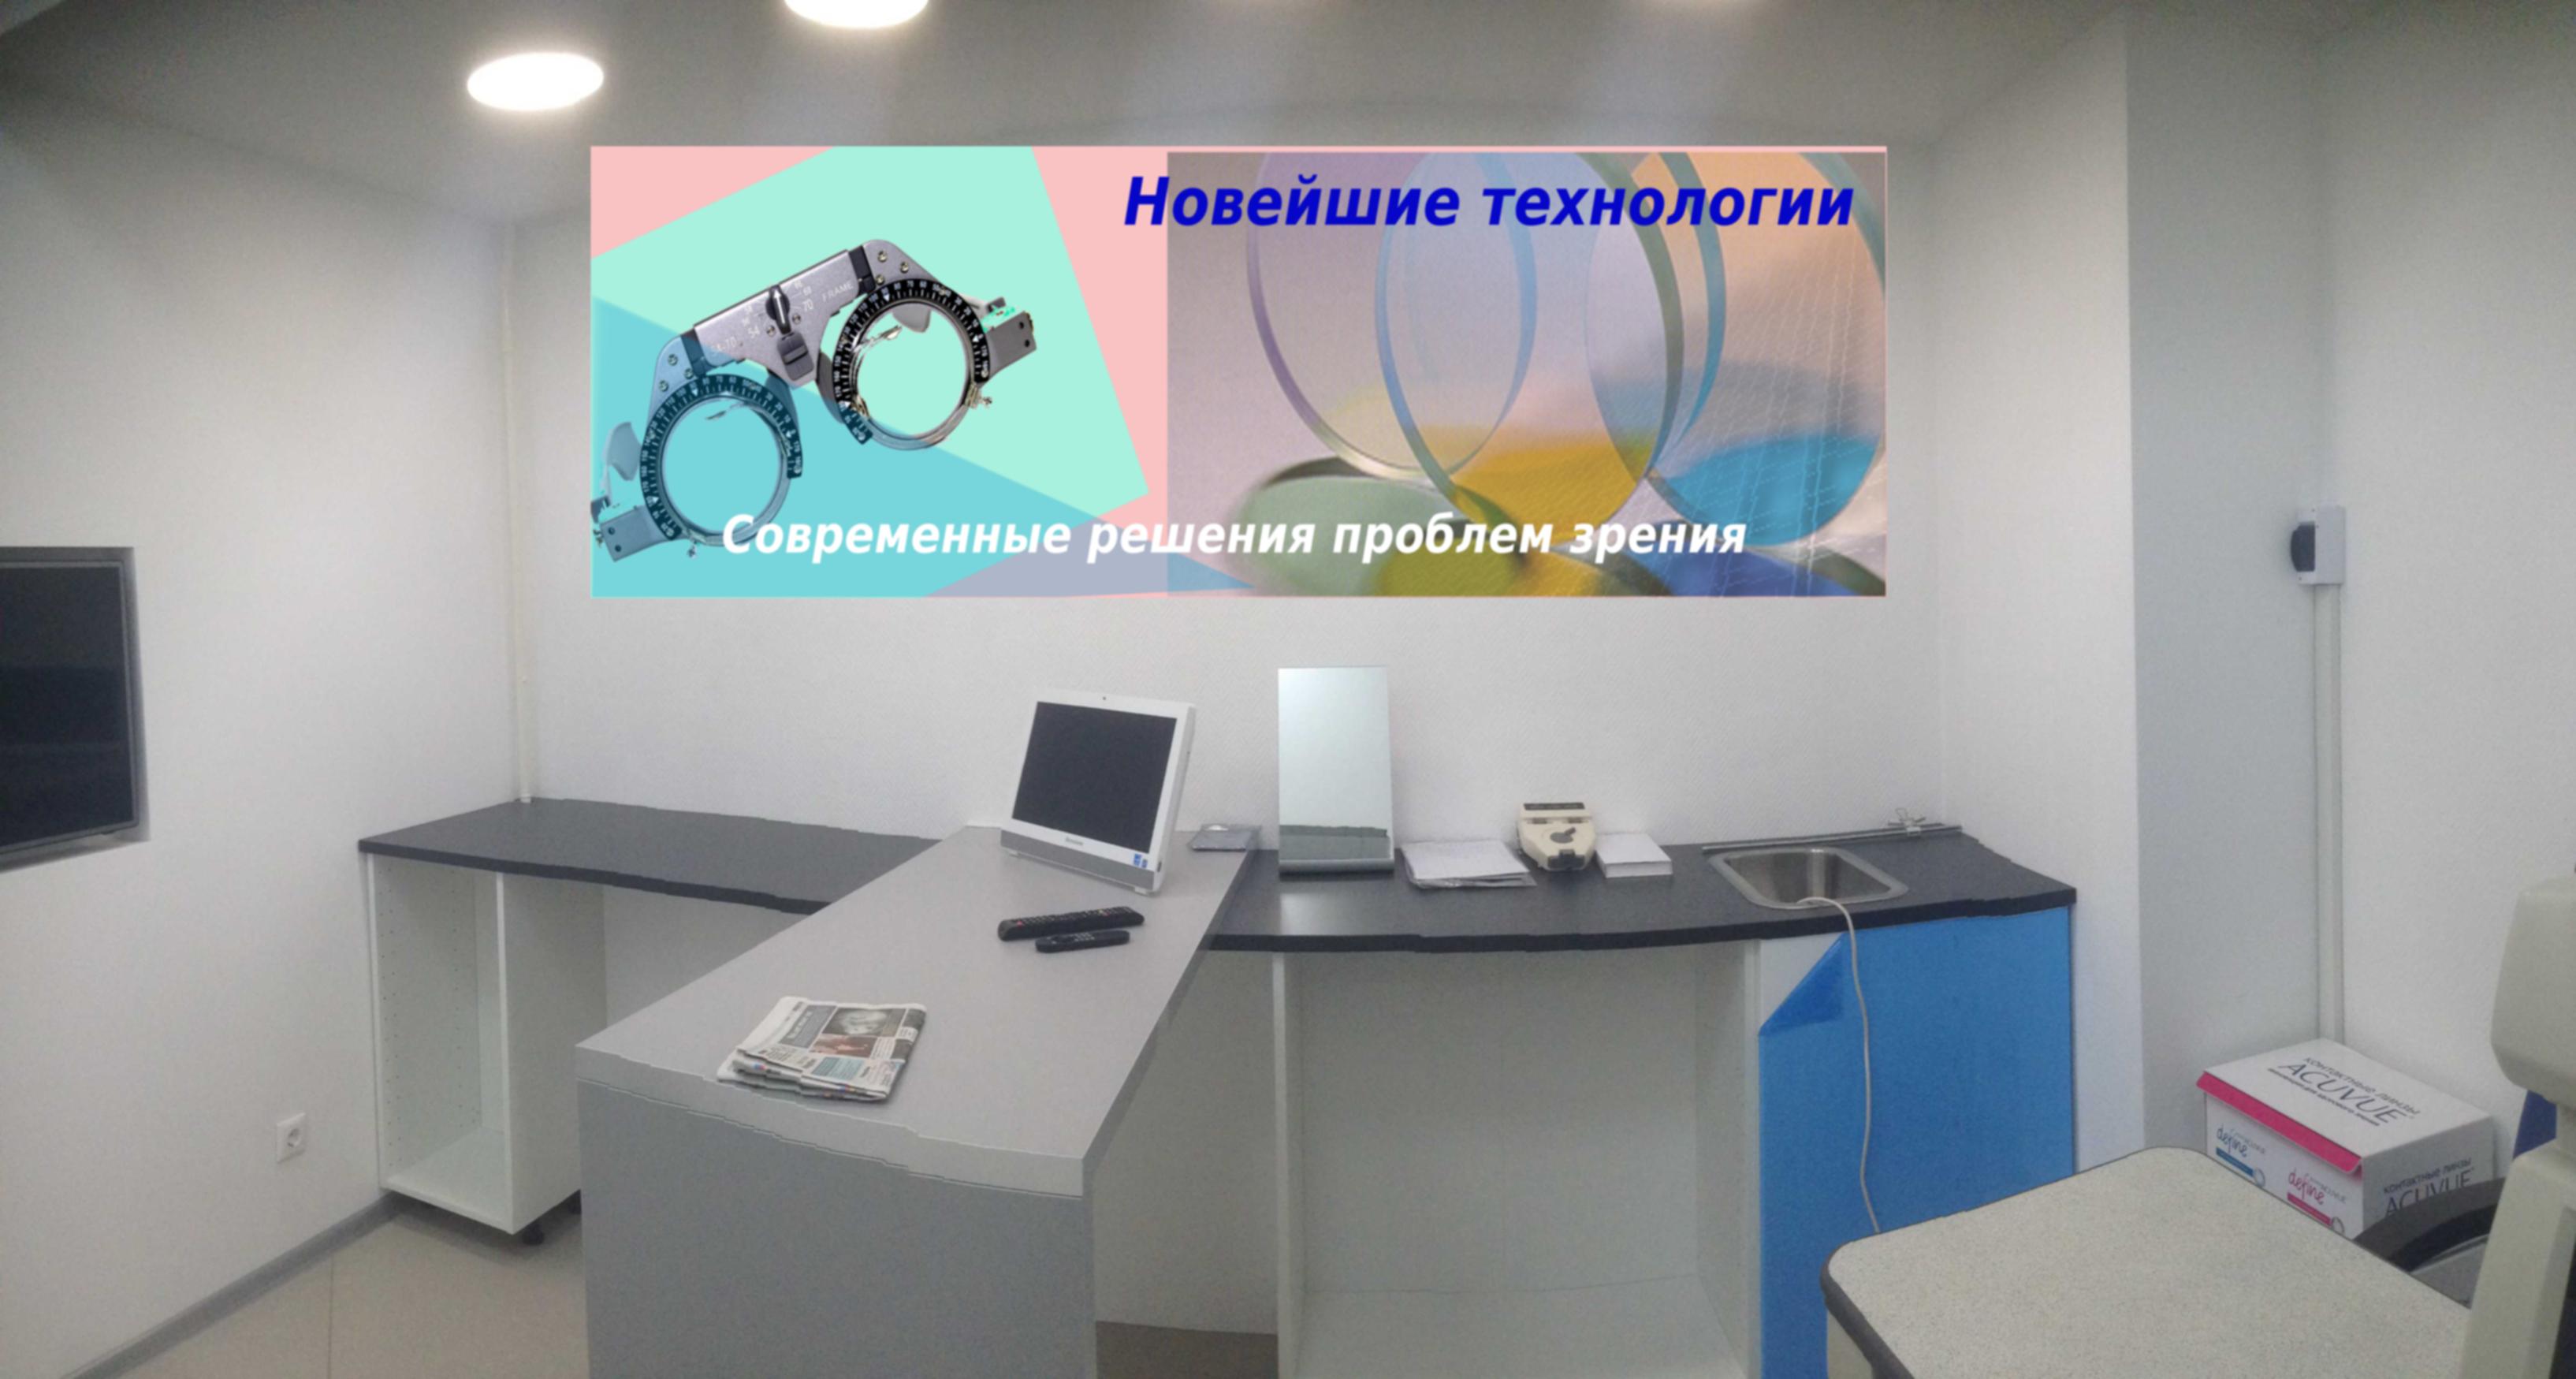 Создание нескольких графических панно для оптической компани фото f_081590e259844260.jpg